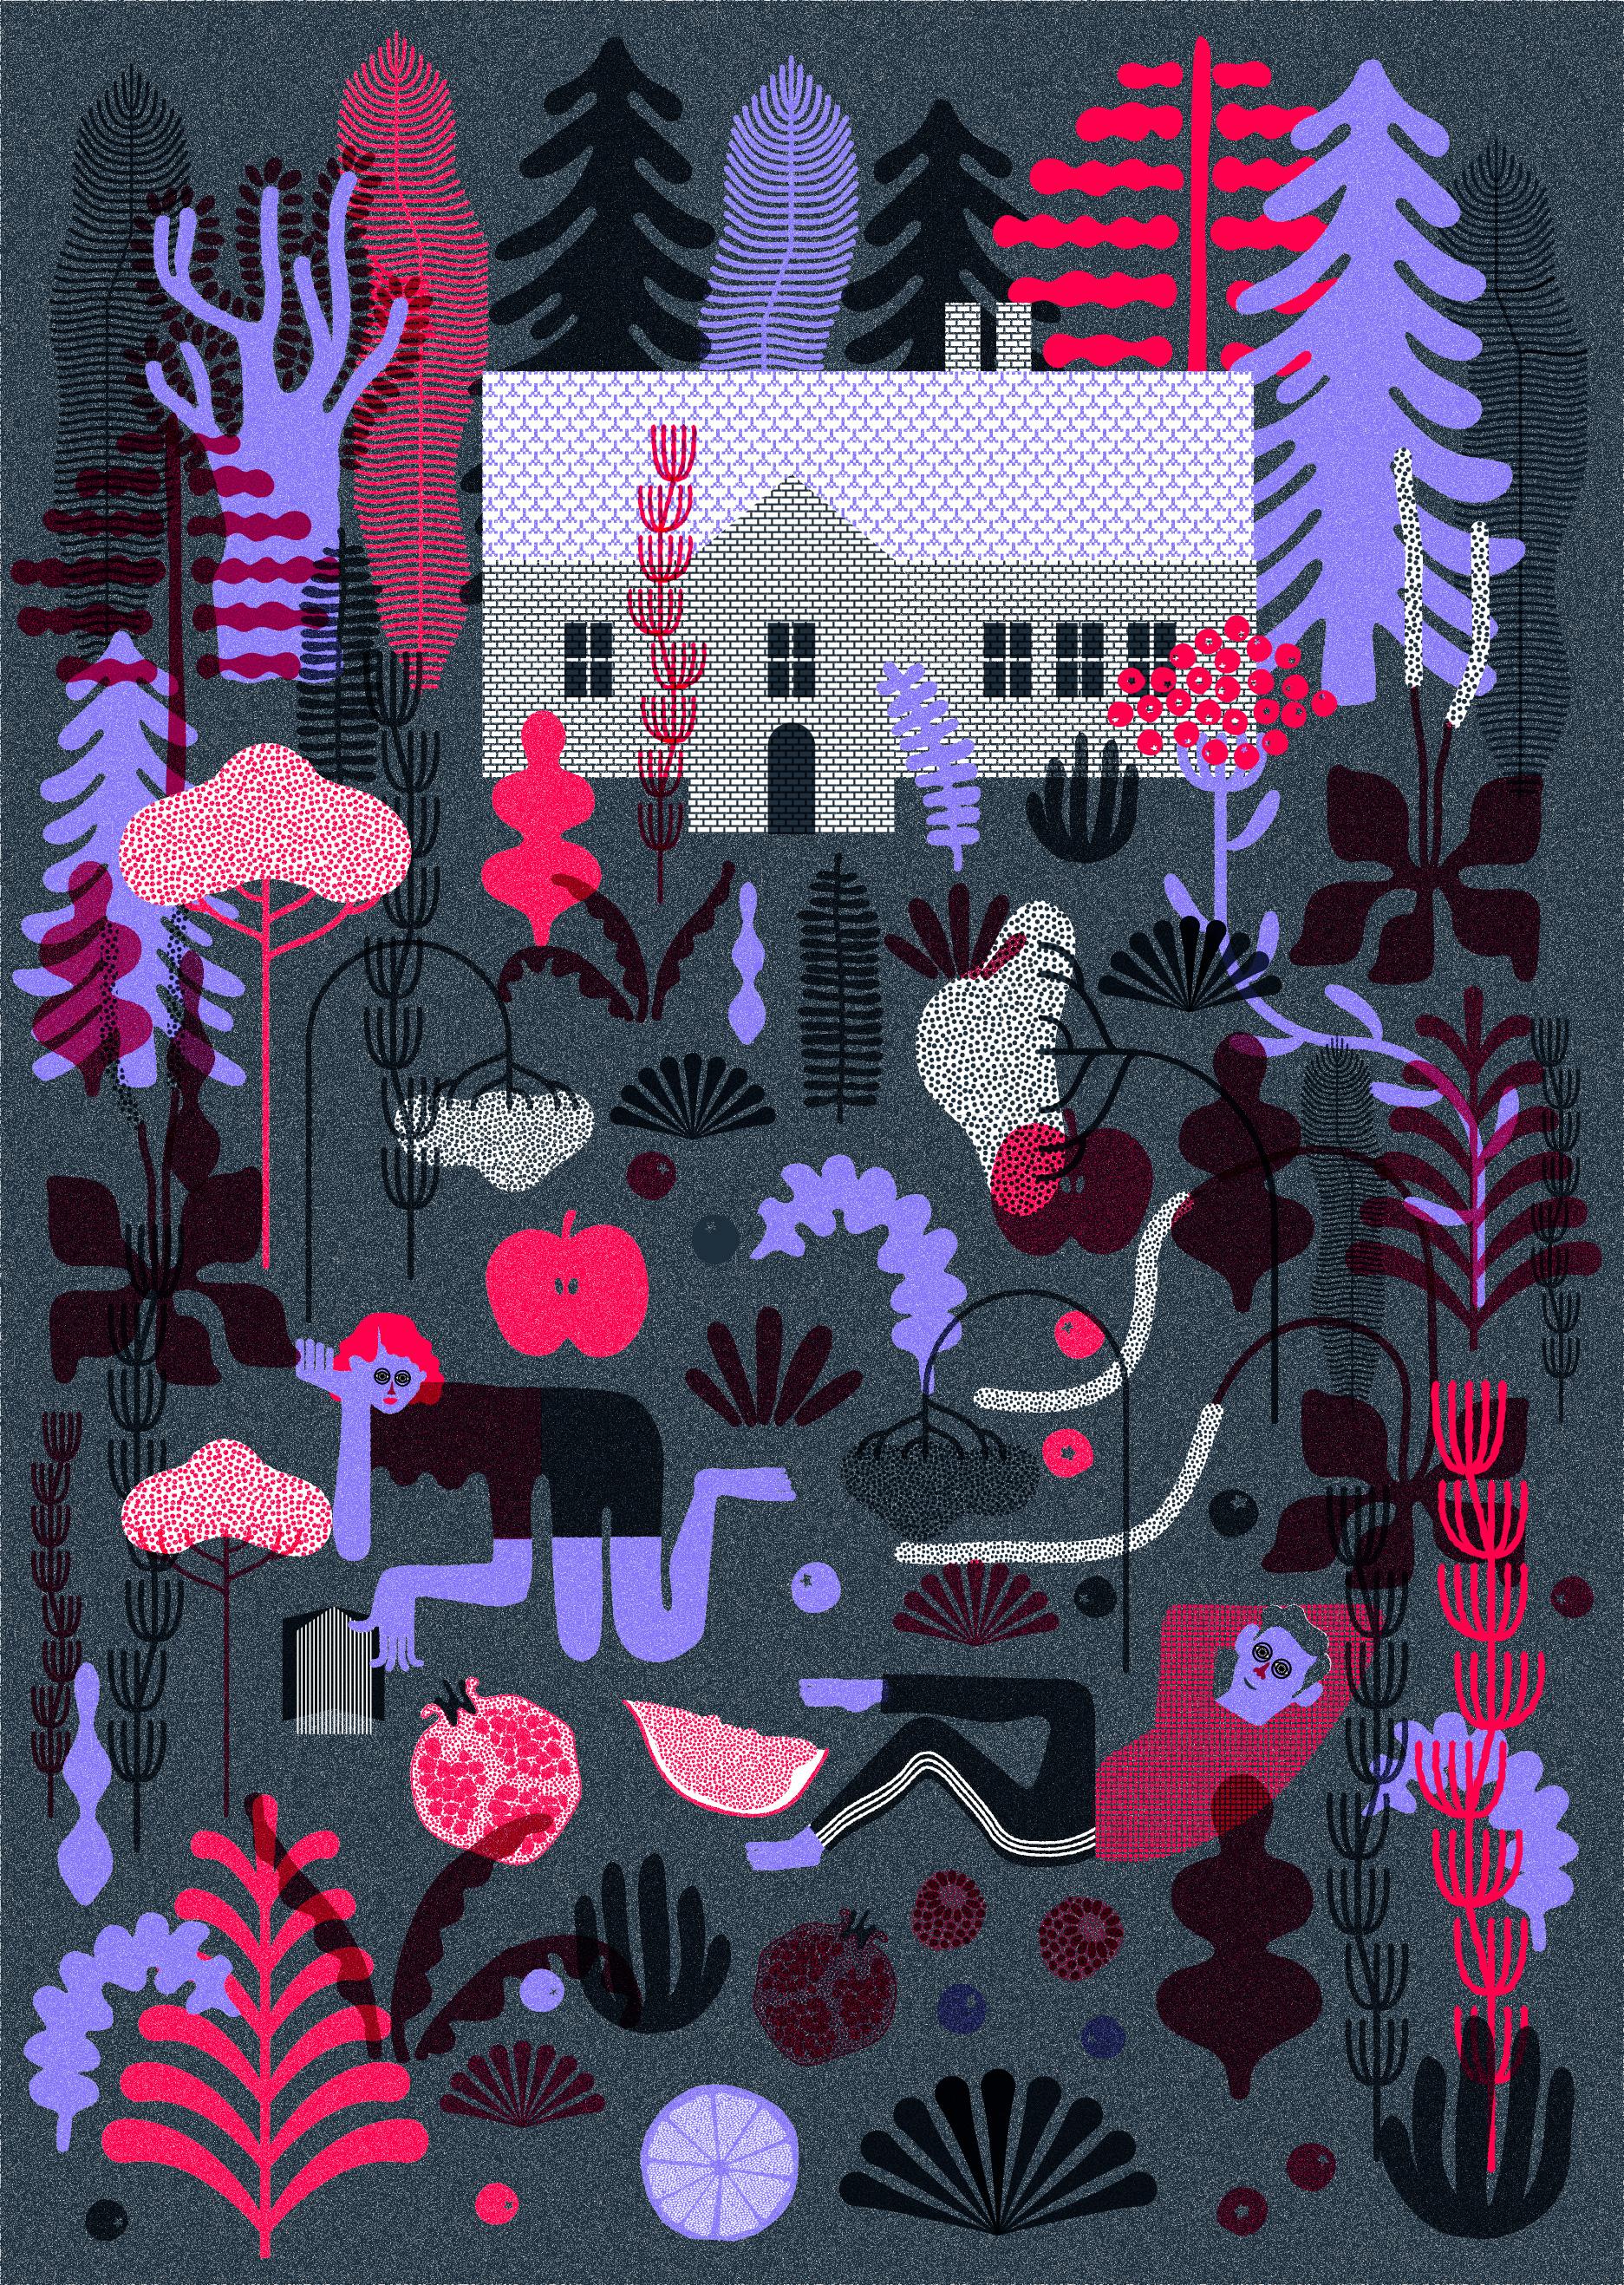 Julia-Schwarz-Illustration_forest_Zeichenfläche 1 Kopie